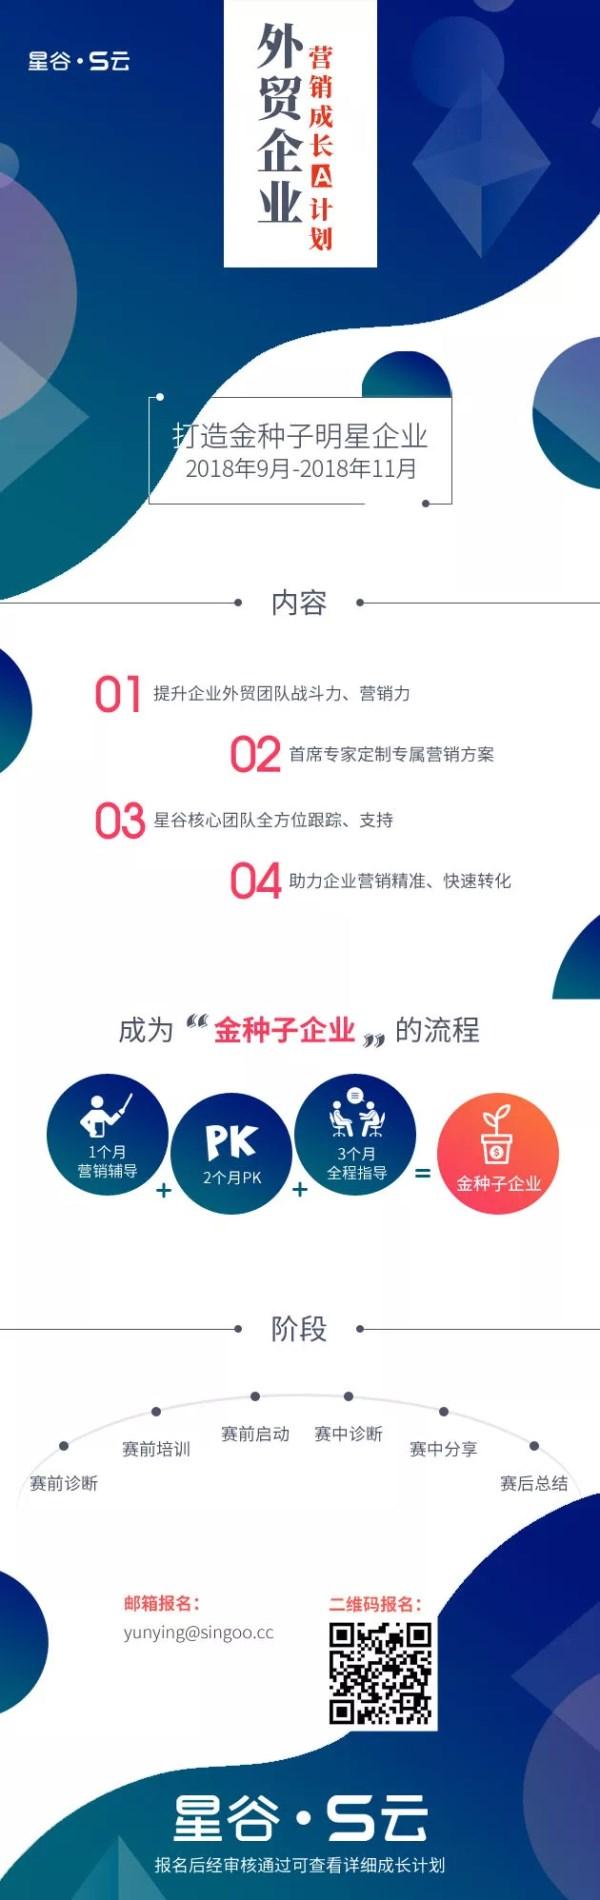 """上海星谷为外贸企业开启了""""外贸企业营销成长计划"""",全国首发,限额报名!"""